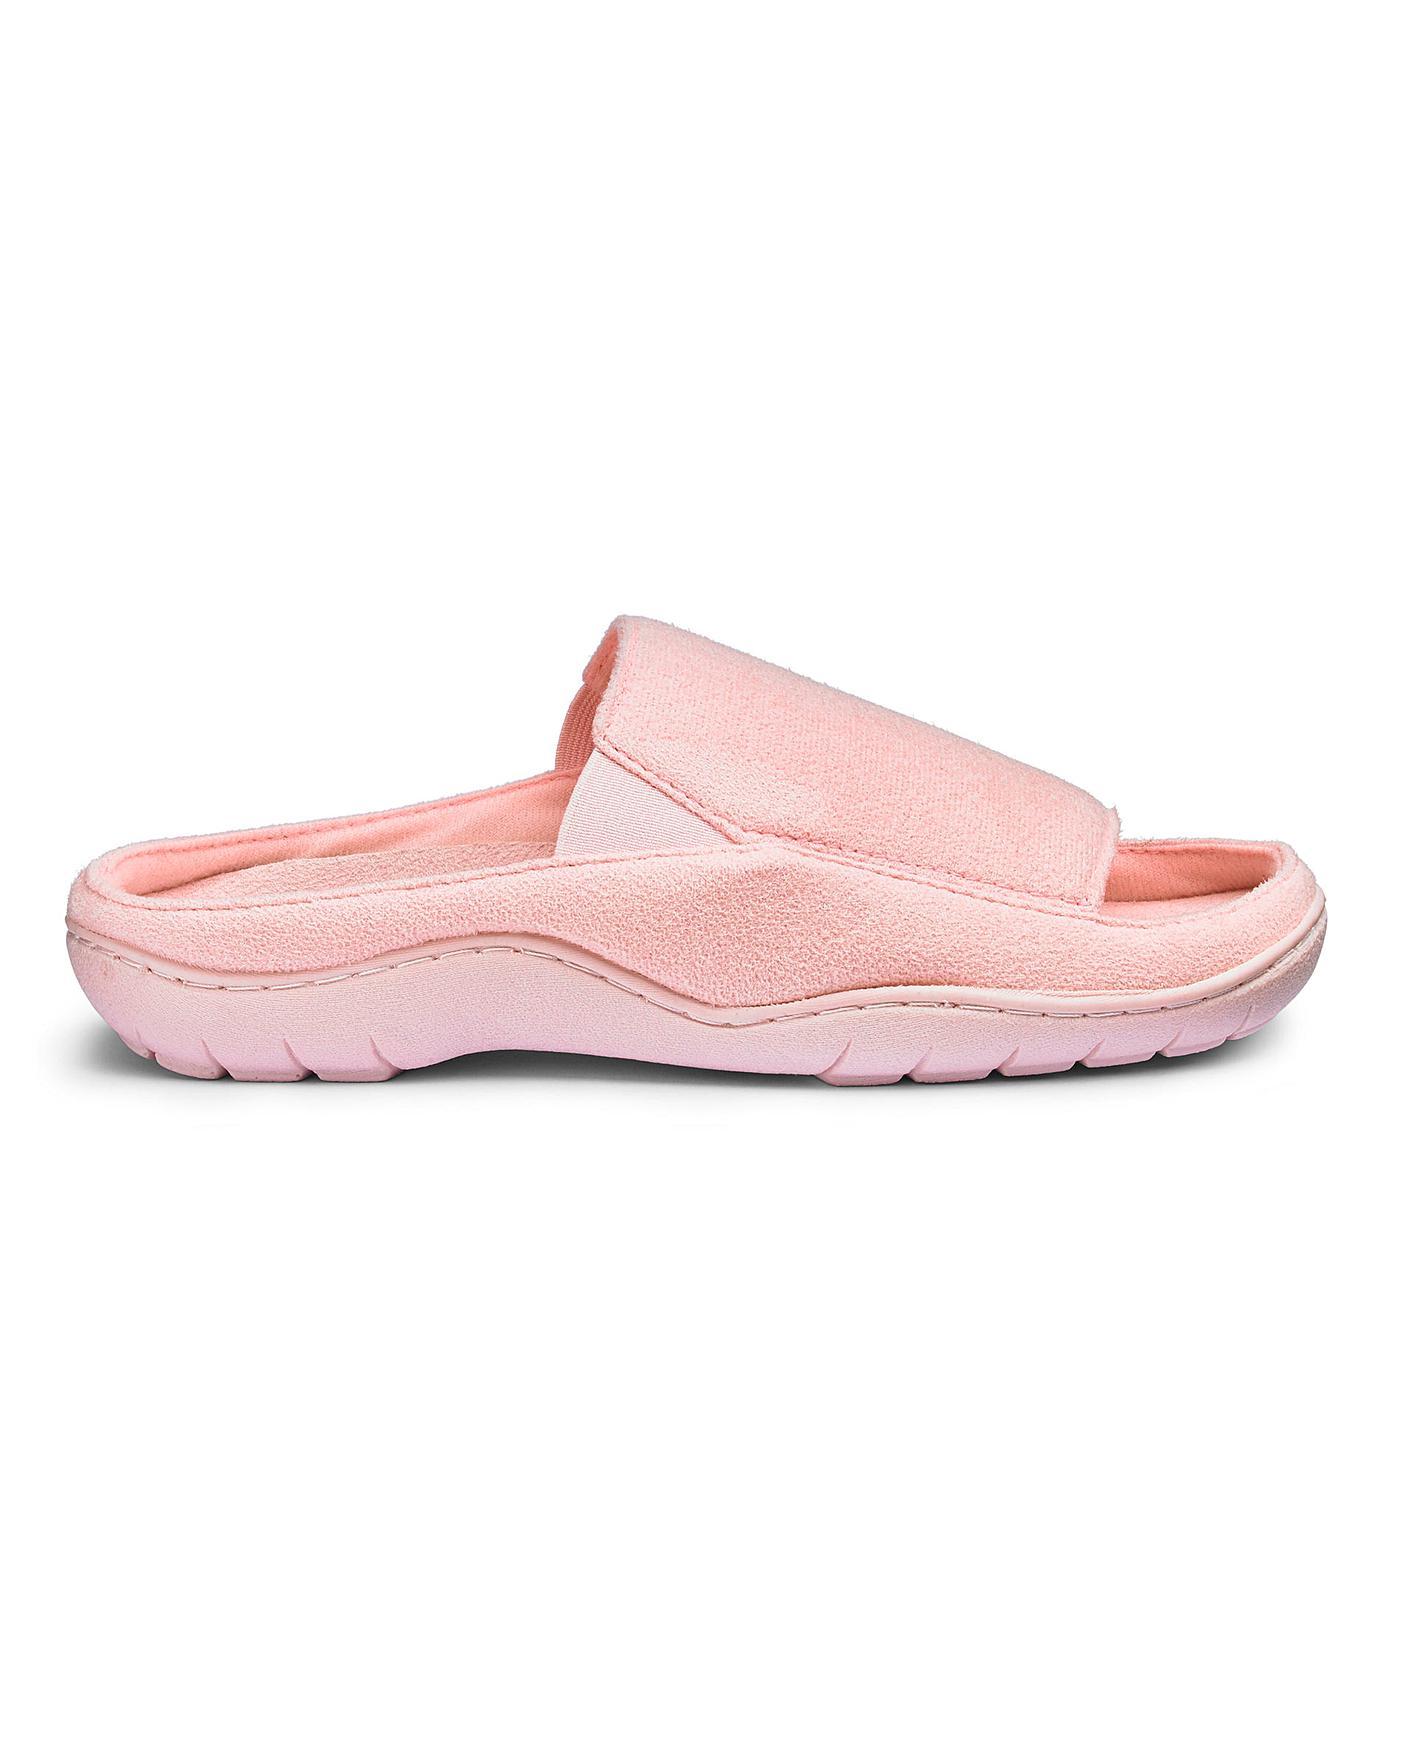 womens open toe mule slippers